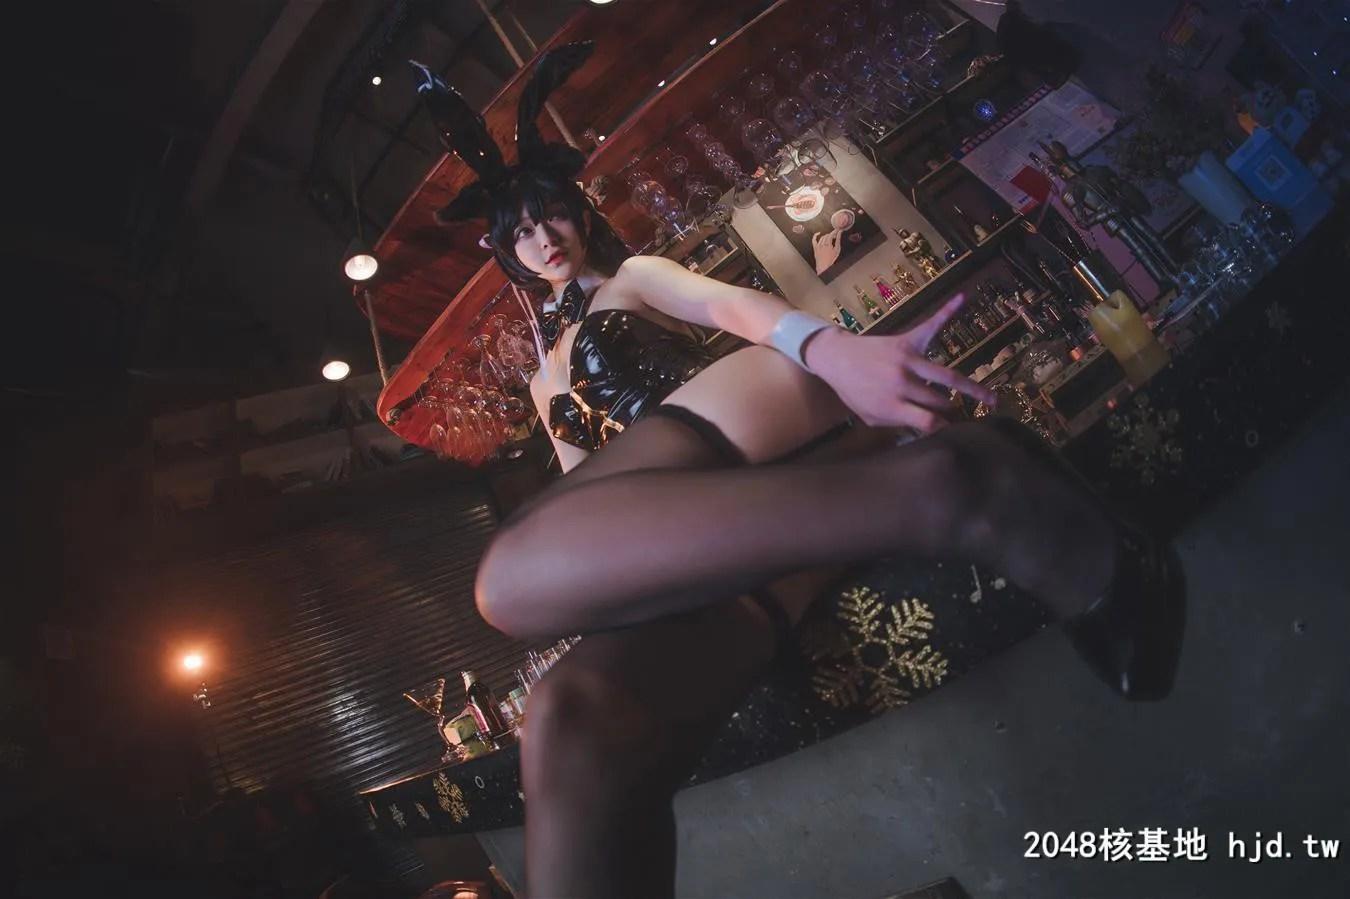 【铁板烧鬼舞w】 爱宕 [10P]插图(4)